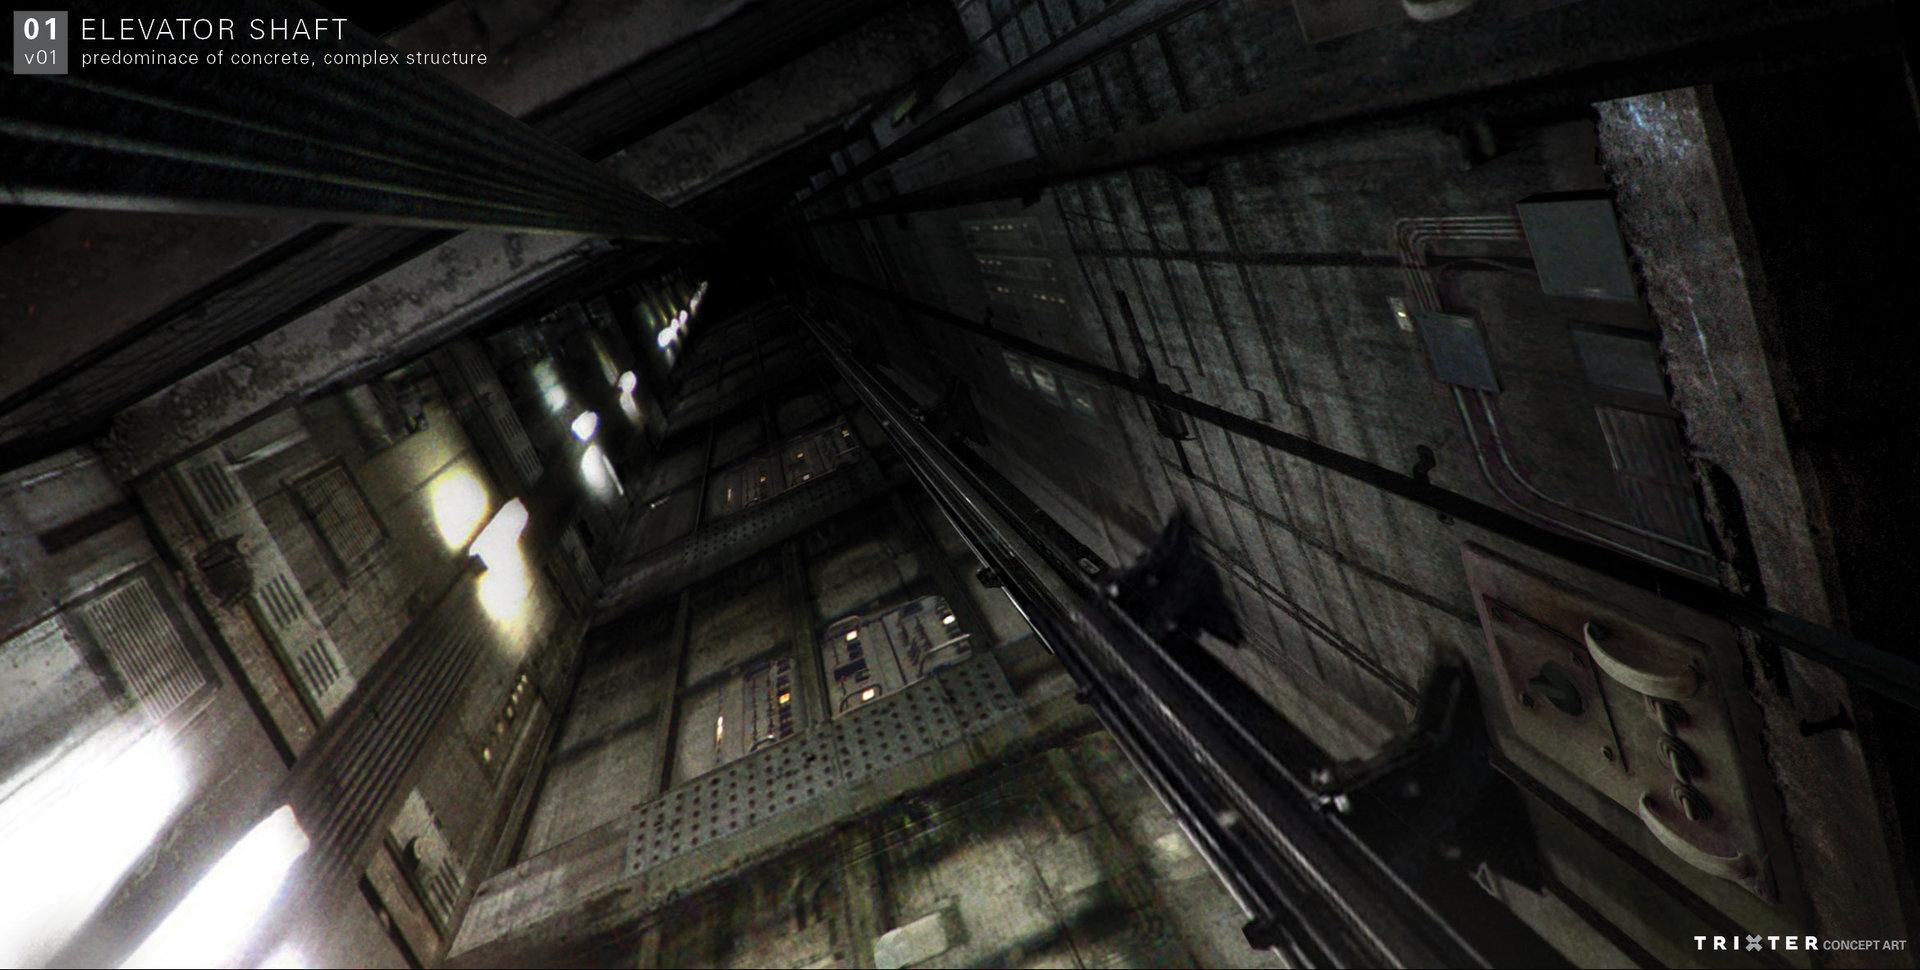 Paolo giandoso fb2 zlc elevatorshaft 01 v001